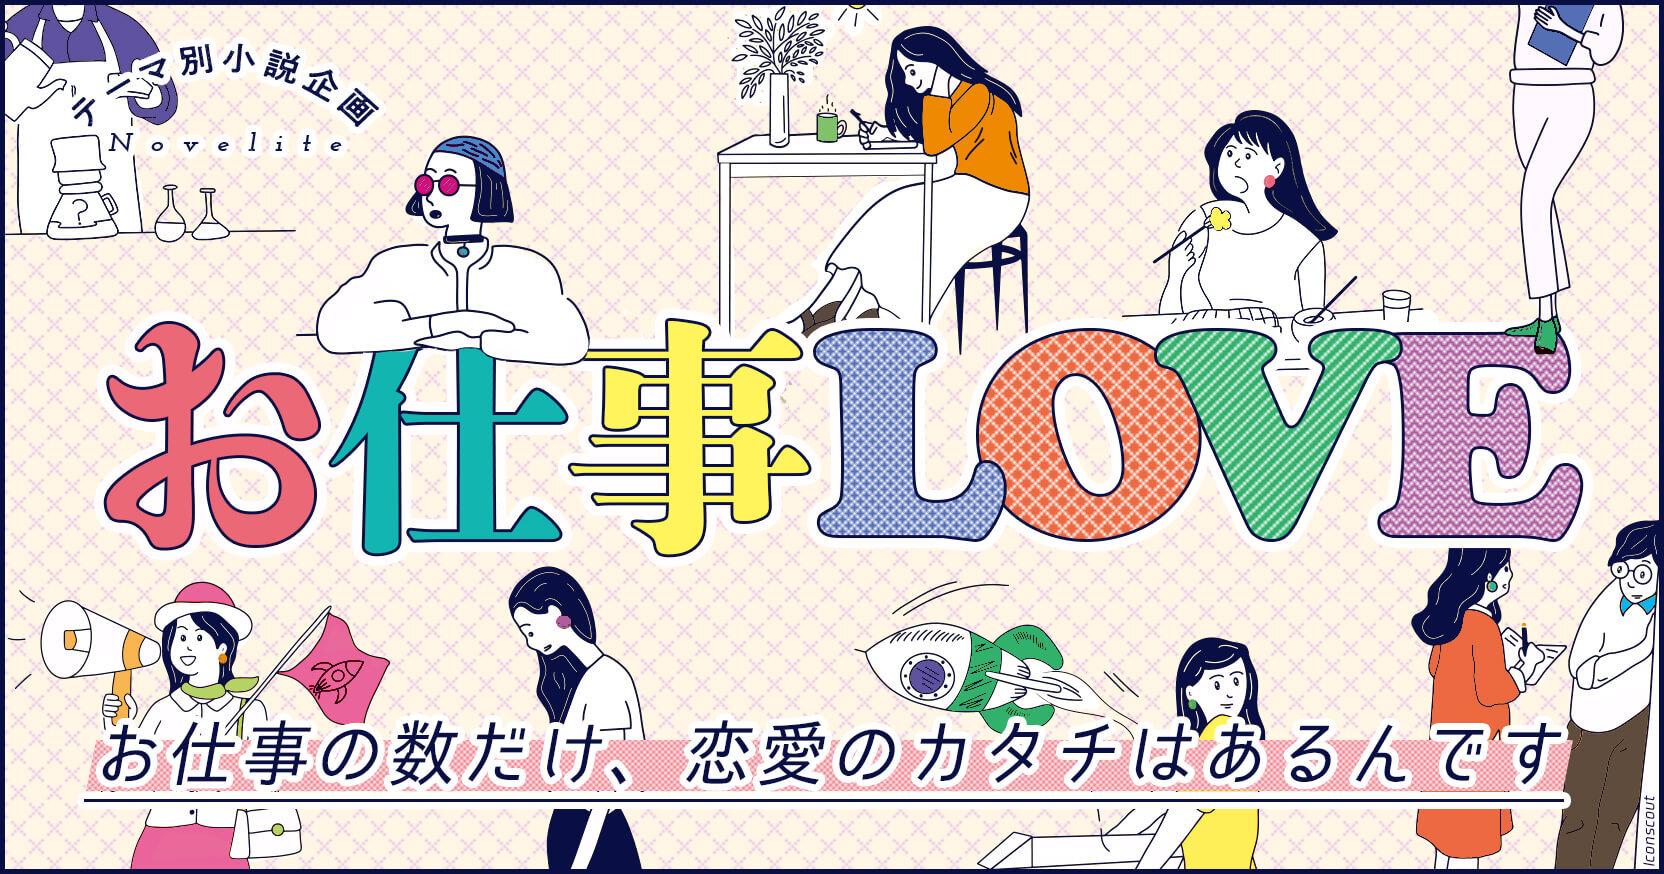 テーマ別小説企画Novelite テーマ「お仕事LOVE」